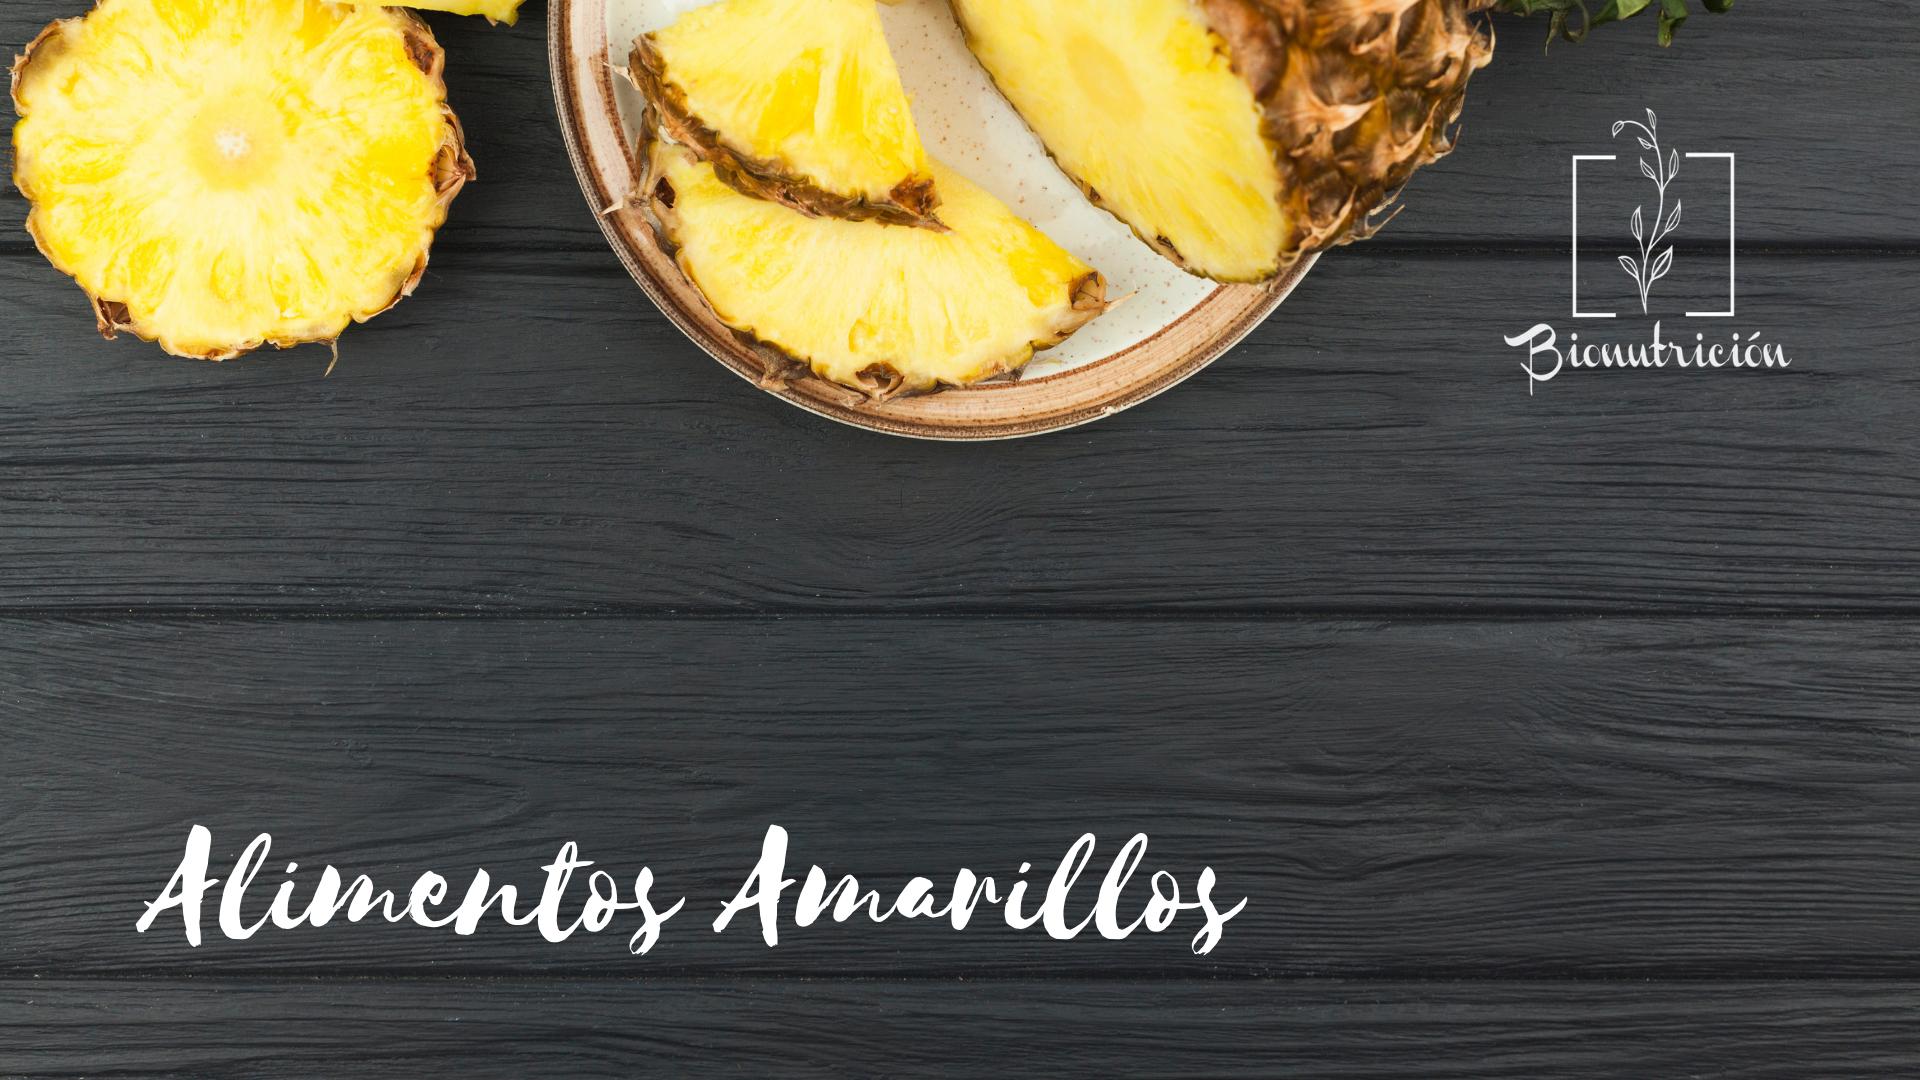 Propiedades de los alimentos amarillos-Bionutrición Ortomolecular